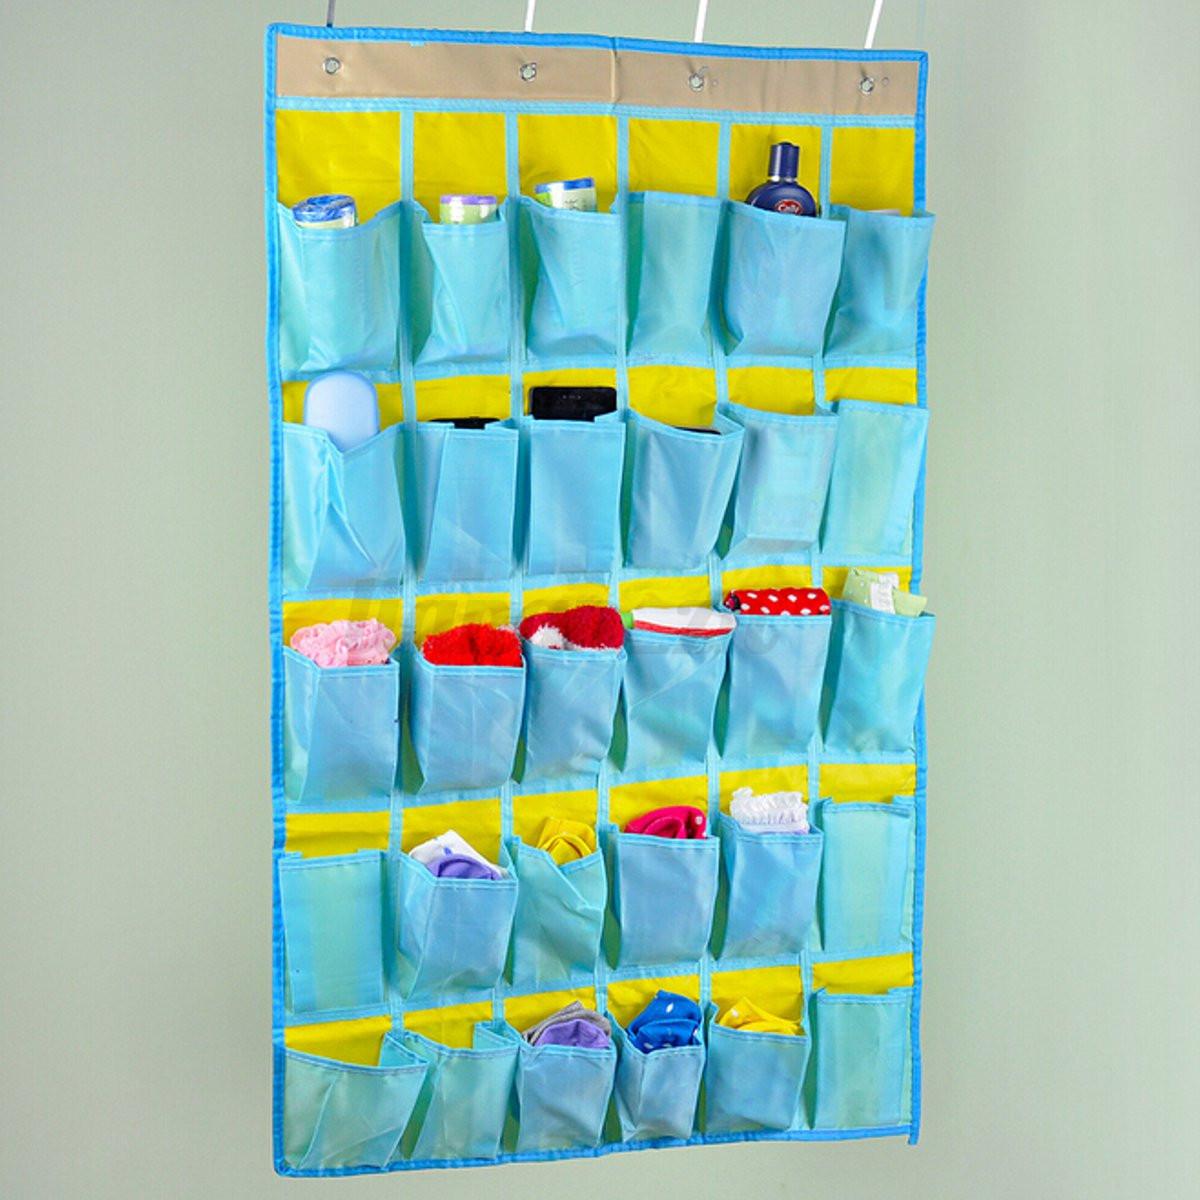 Rangement chaussures poche de range suspendre sac mural for Poche de rangement mural